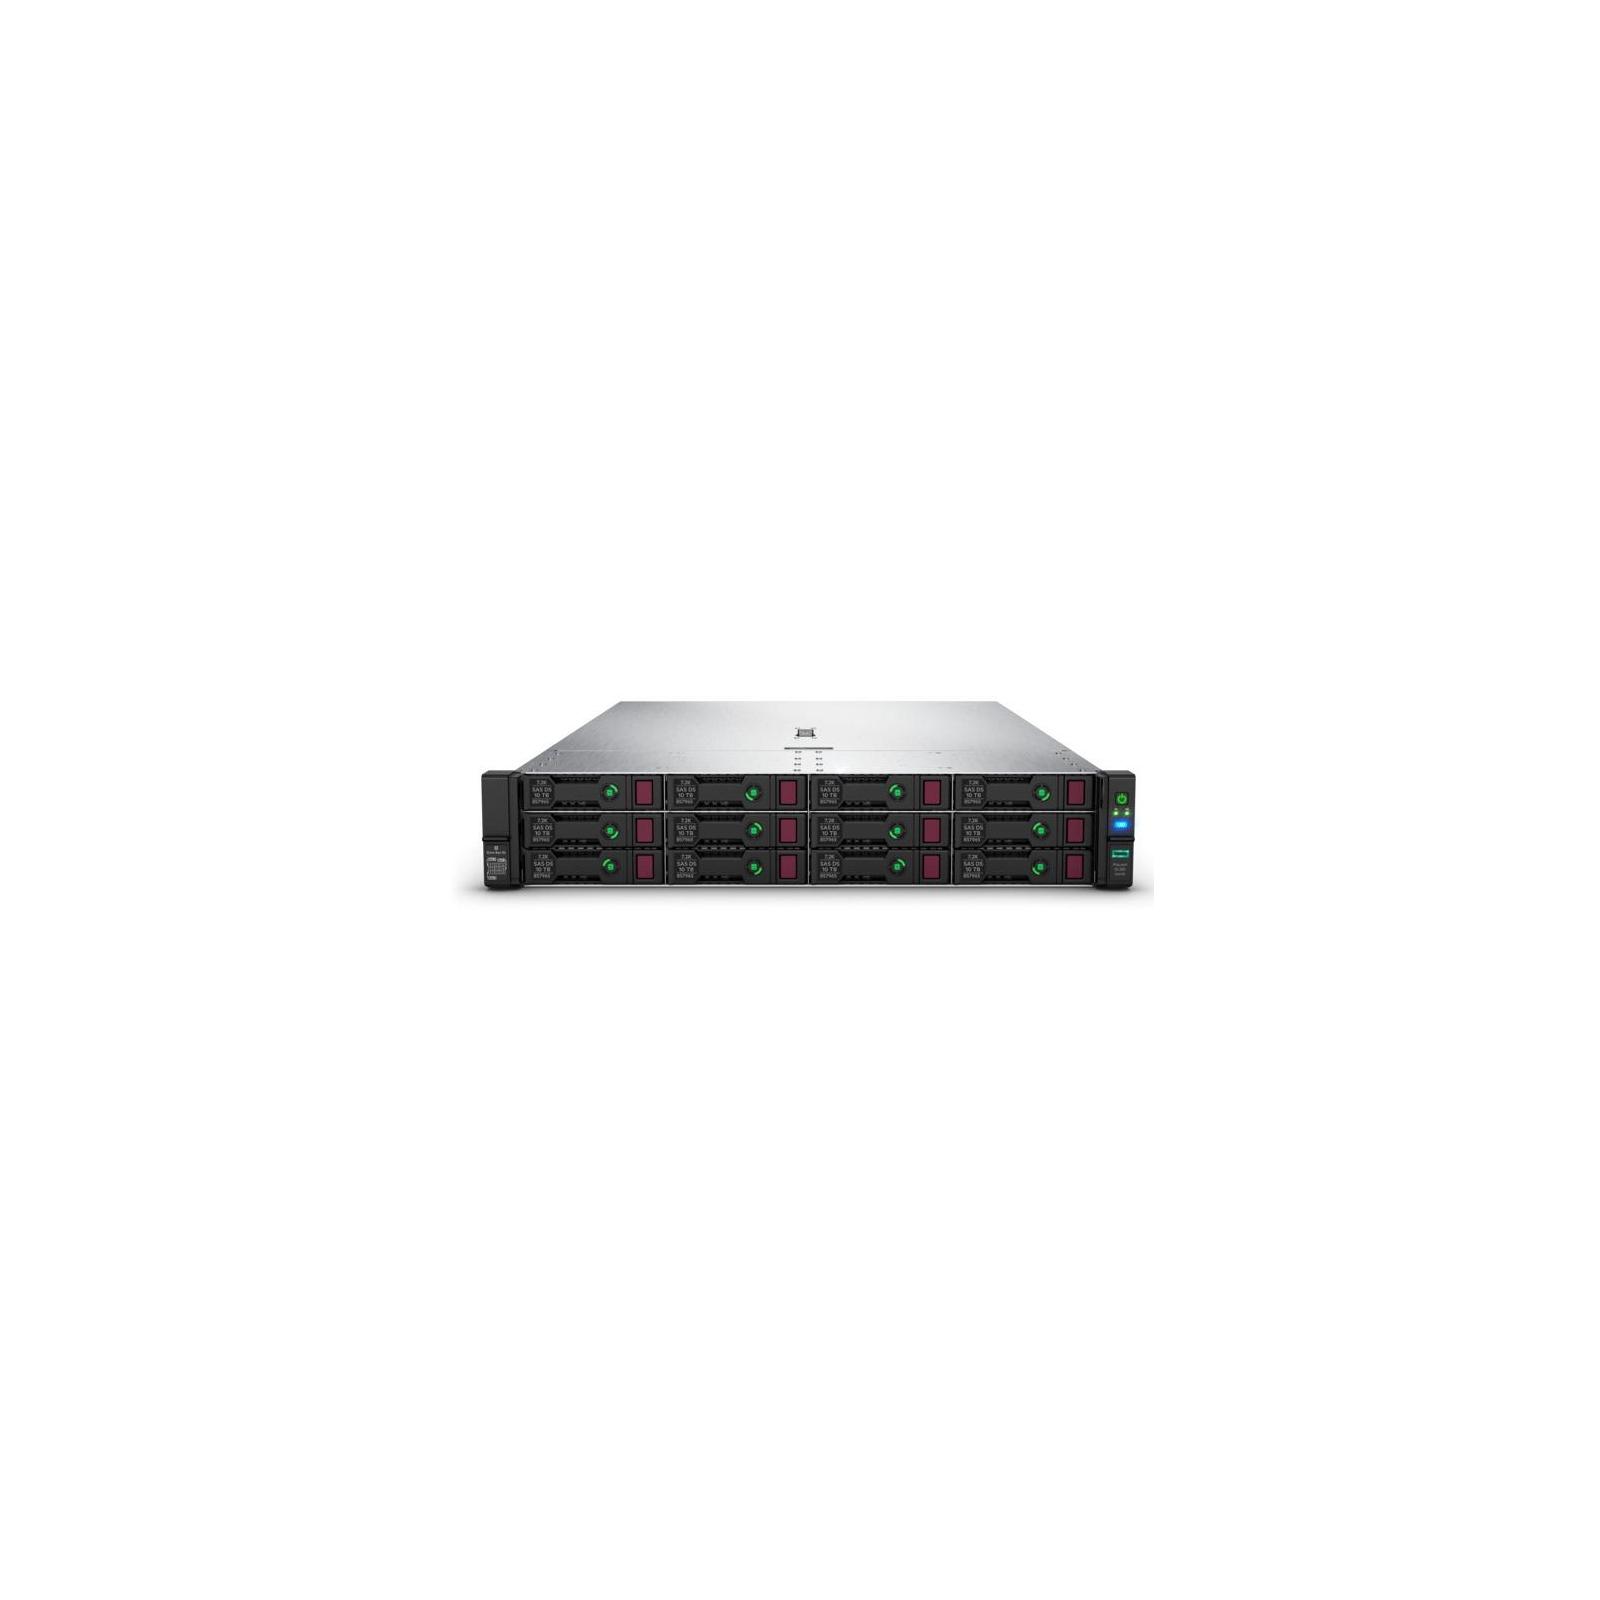 Сервер Hewlett Packard Enterprise DL380 Gen10 (875671-425) изображение 4